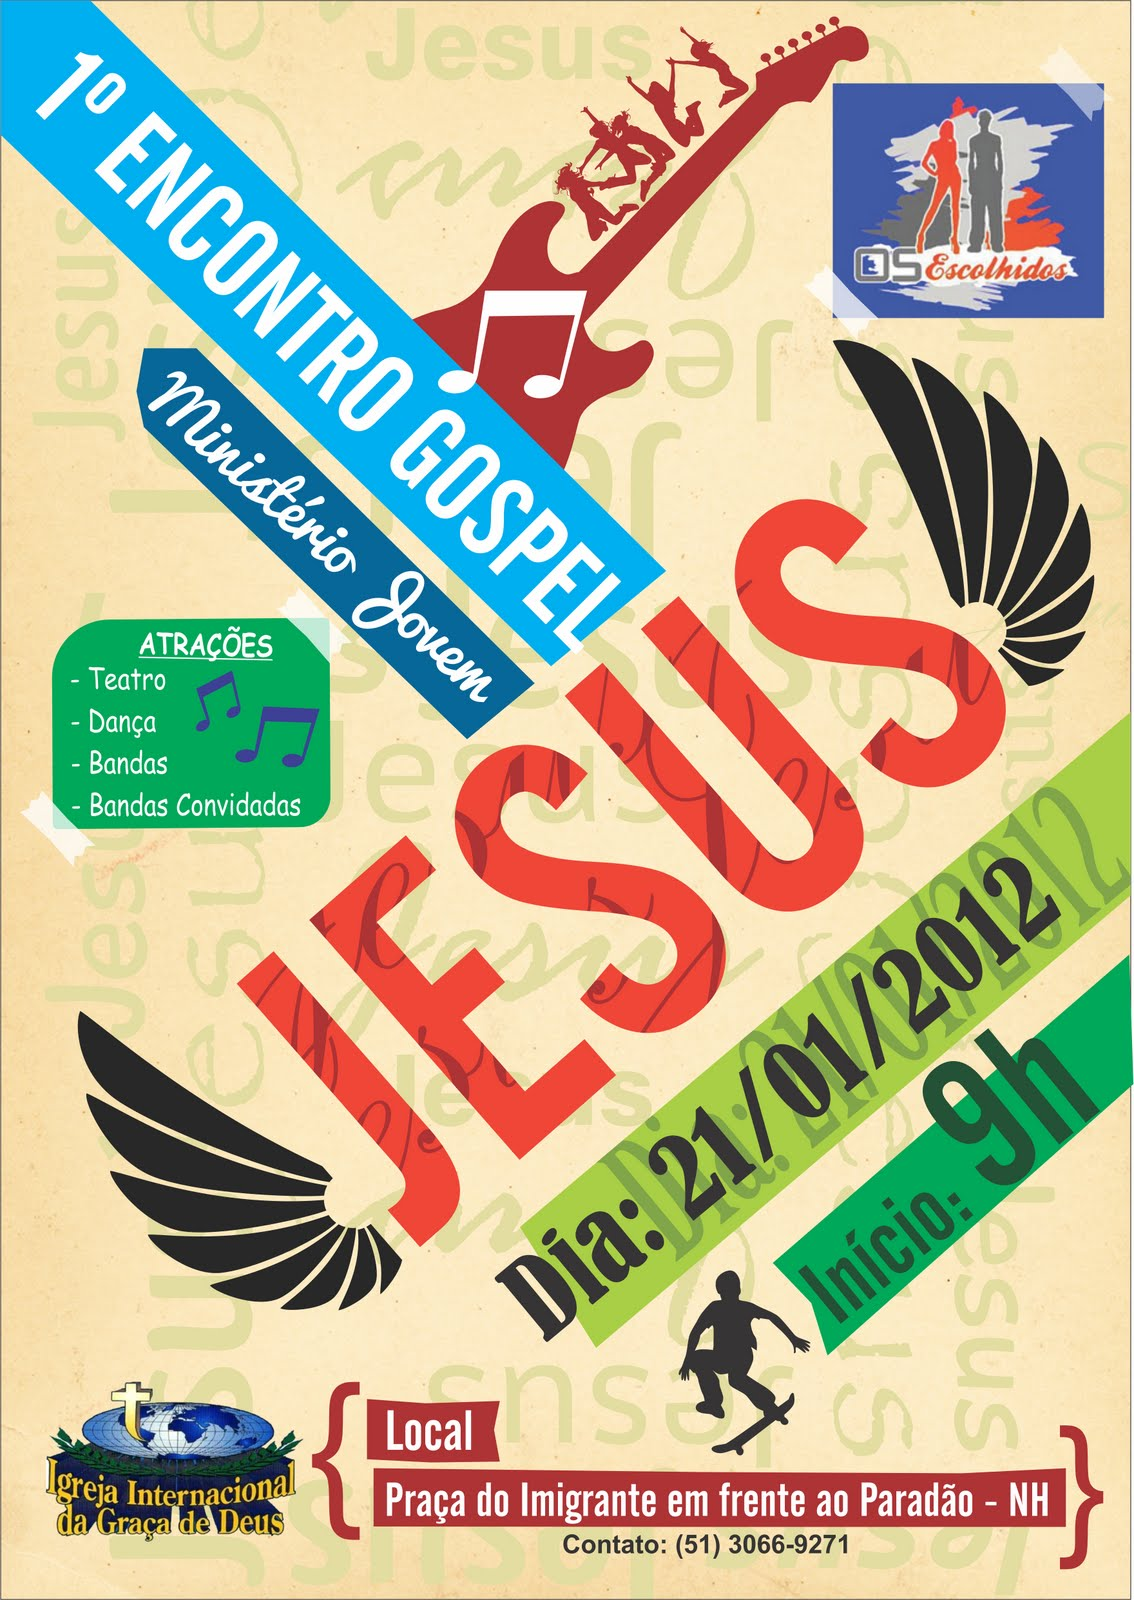 Os Escolhidos 1 Encontro Gospel